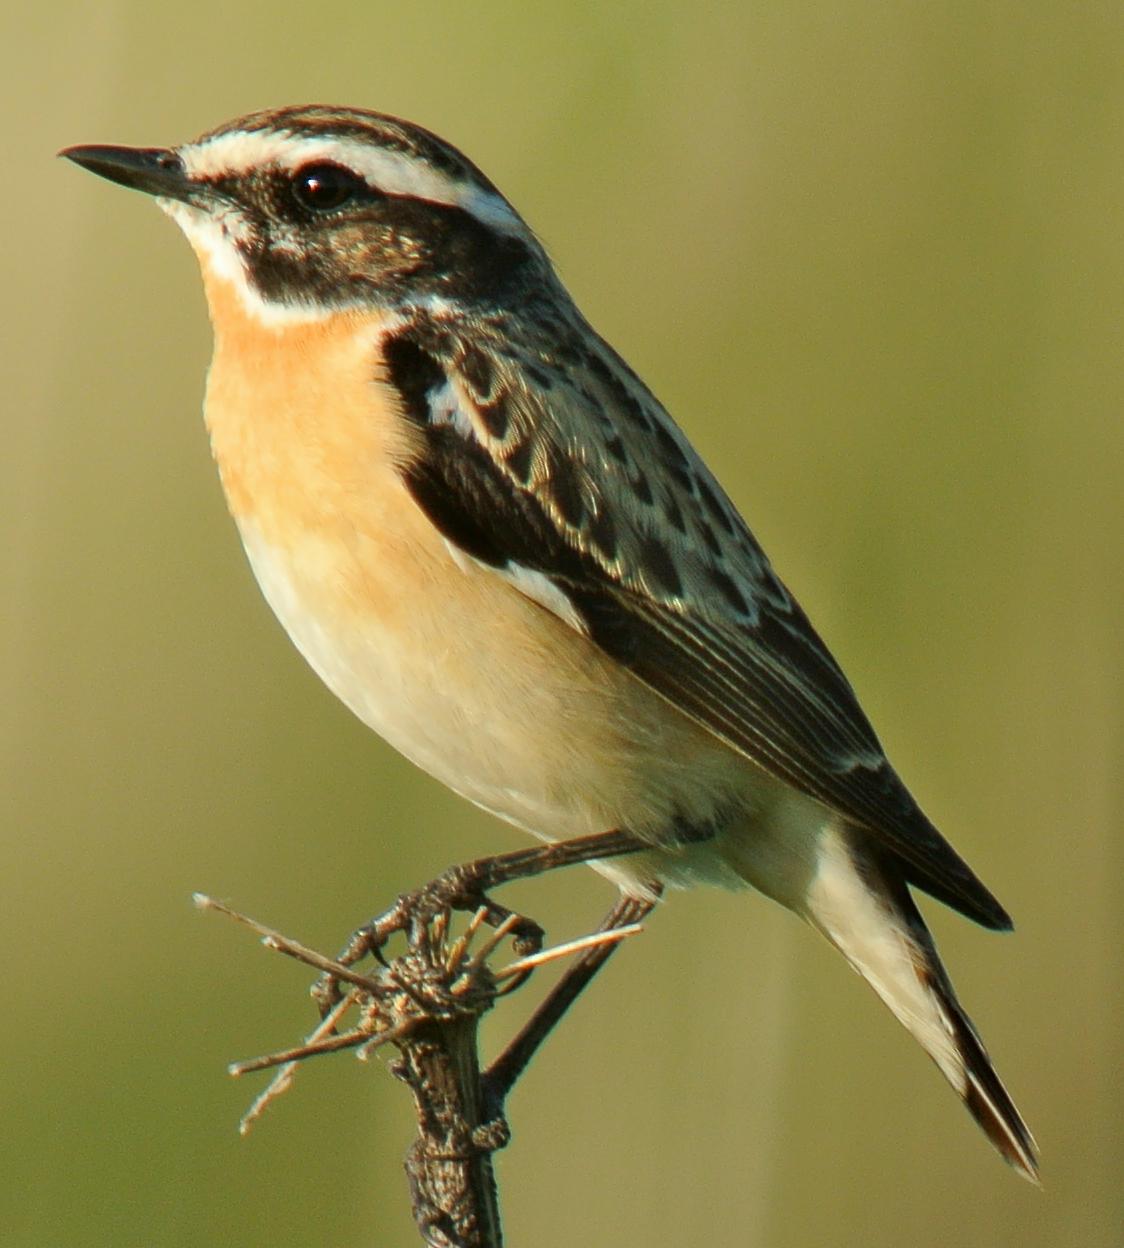 Sok szántóföldi és réti madár eltűnt az elmúlt két évtizedben